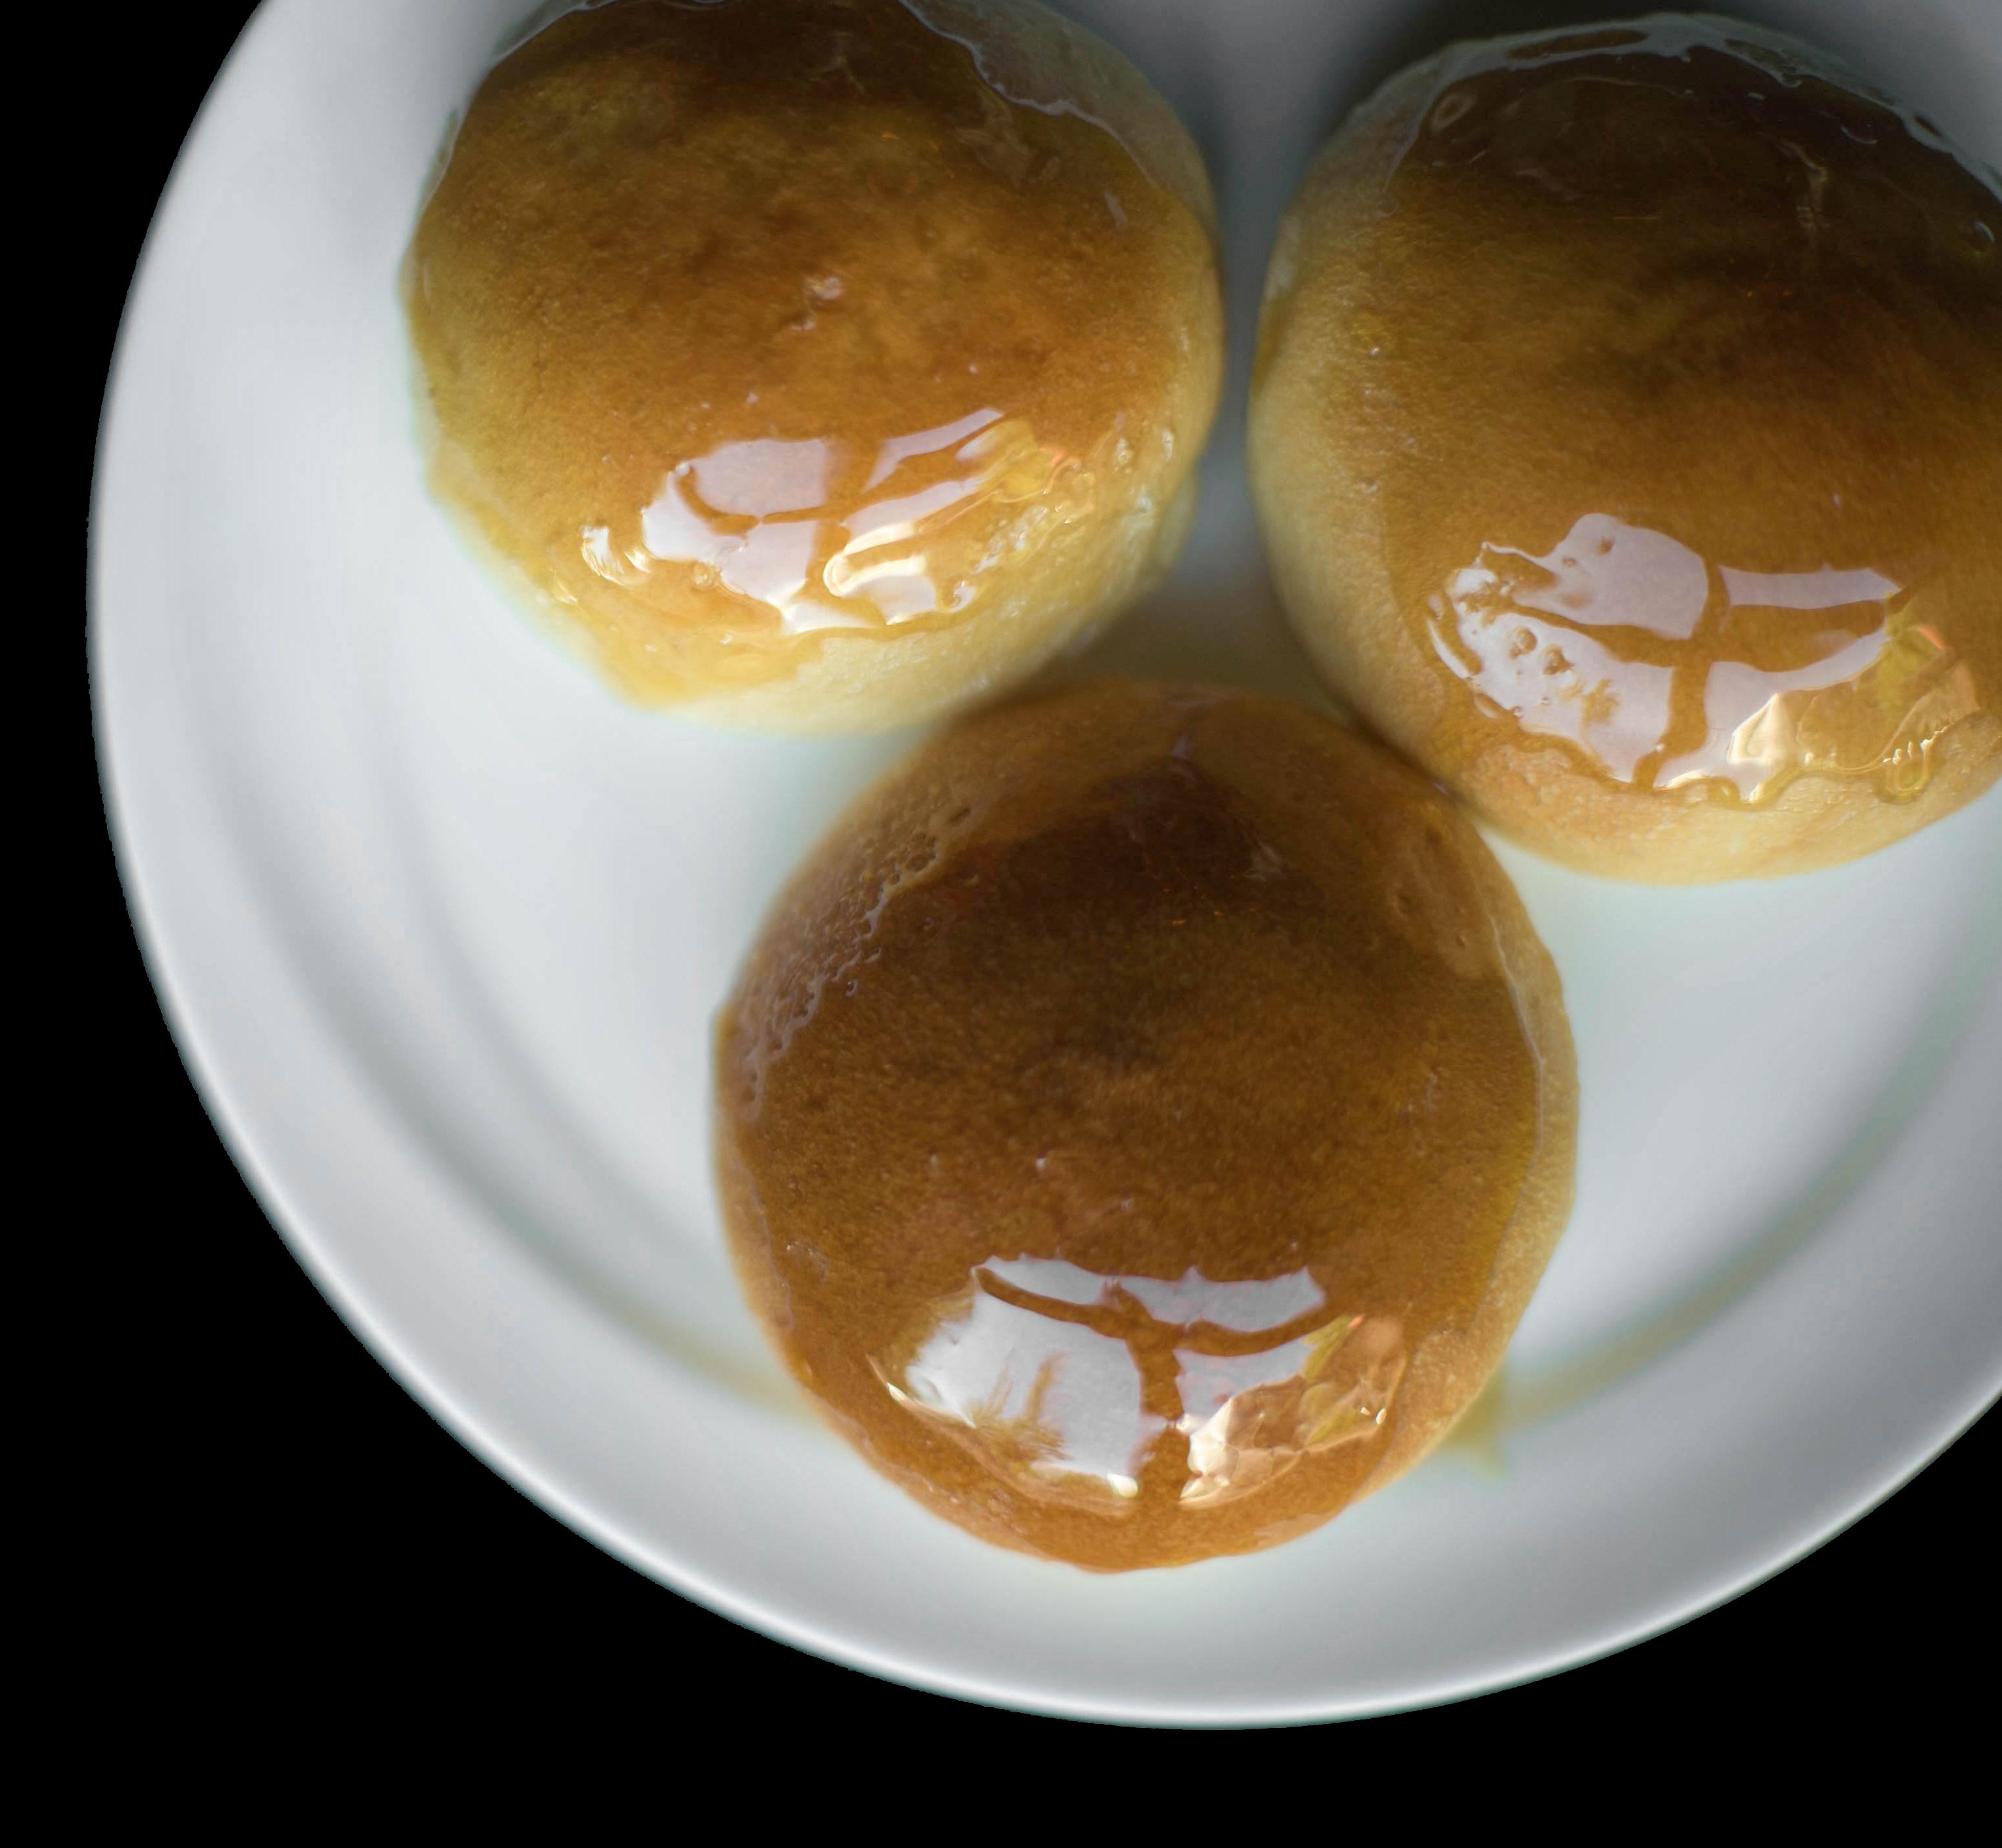 5. 焗叉烧包 Baked BBQ Pork Buns